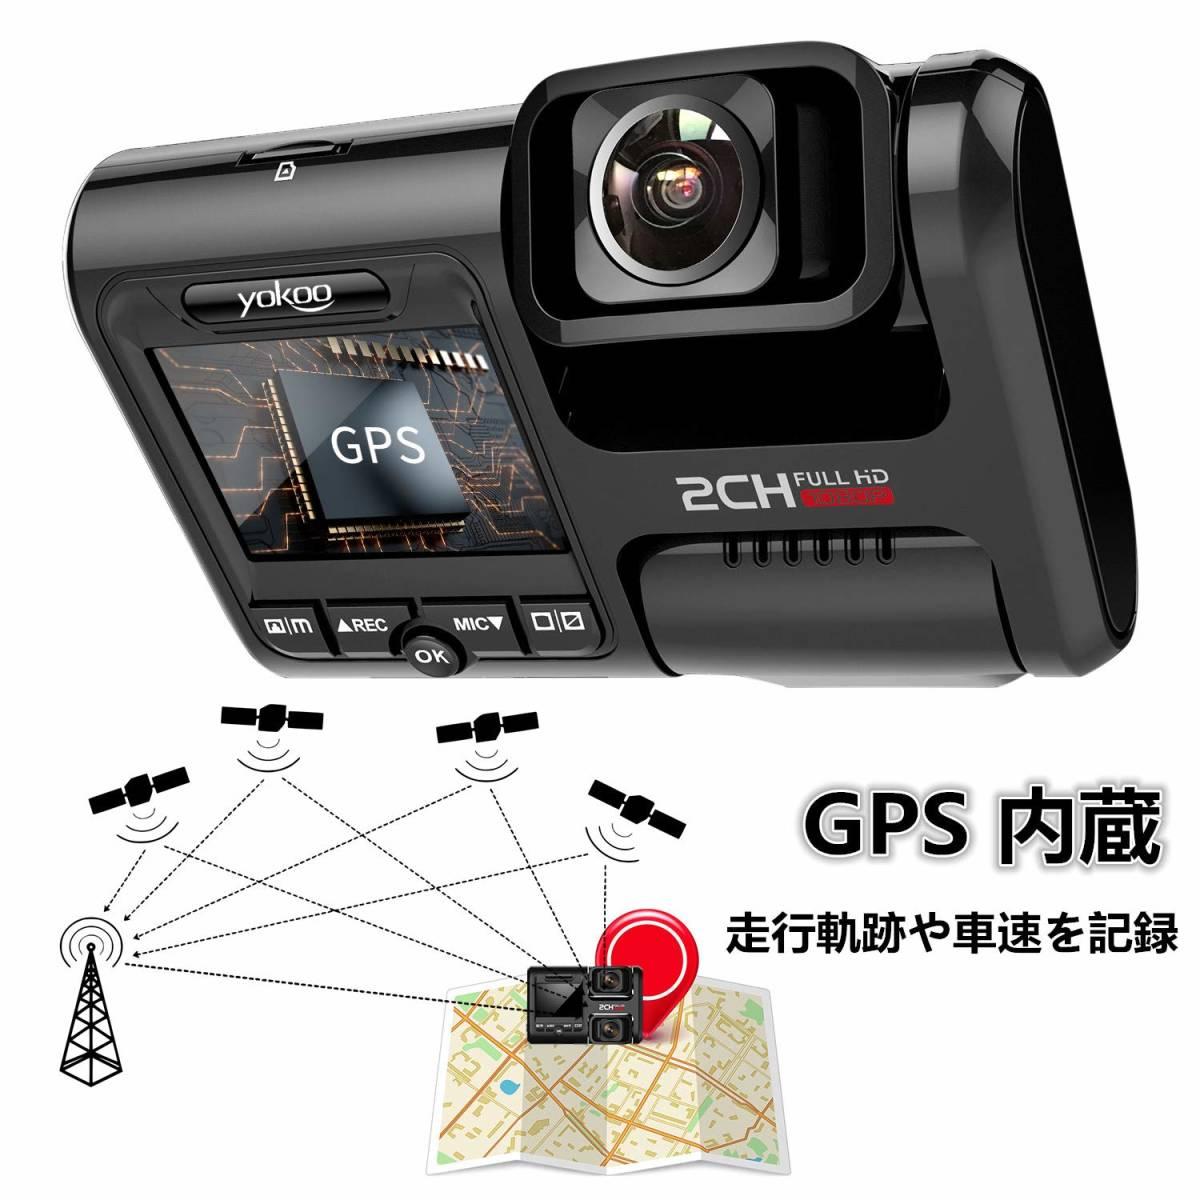 新品未使用 32Gカード付きドライブレコーダー 前後カメラ 1080PフルHD wifi搭載 内蔵GPS sonyセンサー 1200万画素 170度広角 WDR_画像5